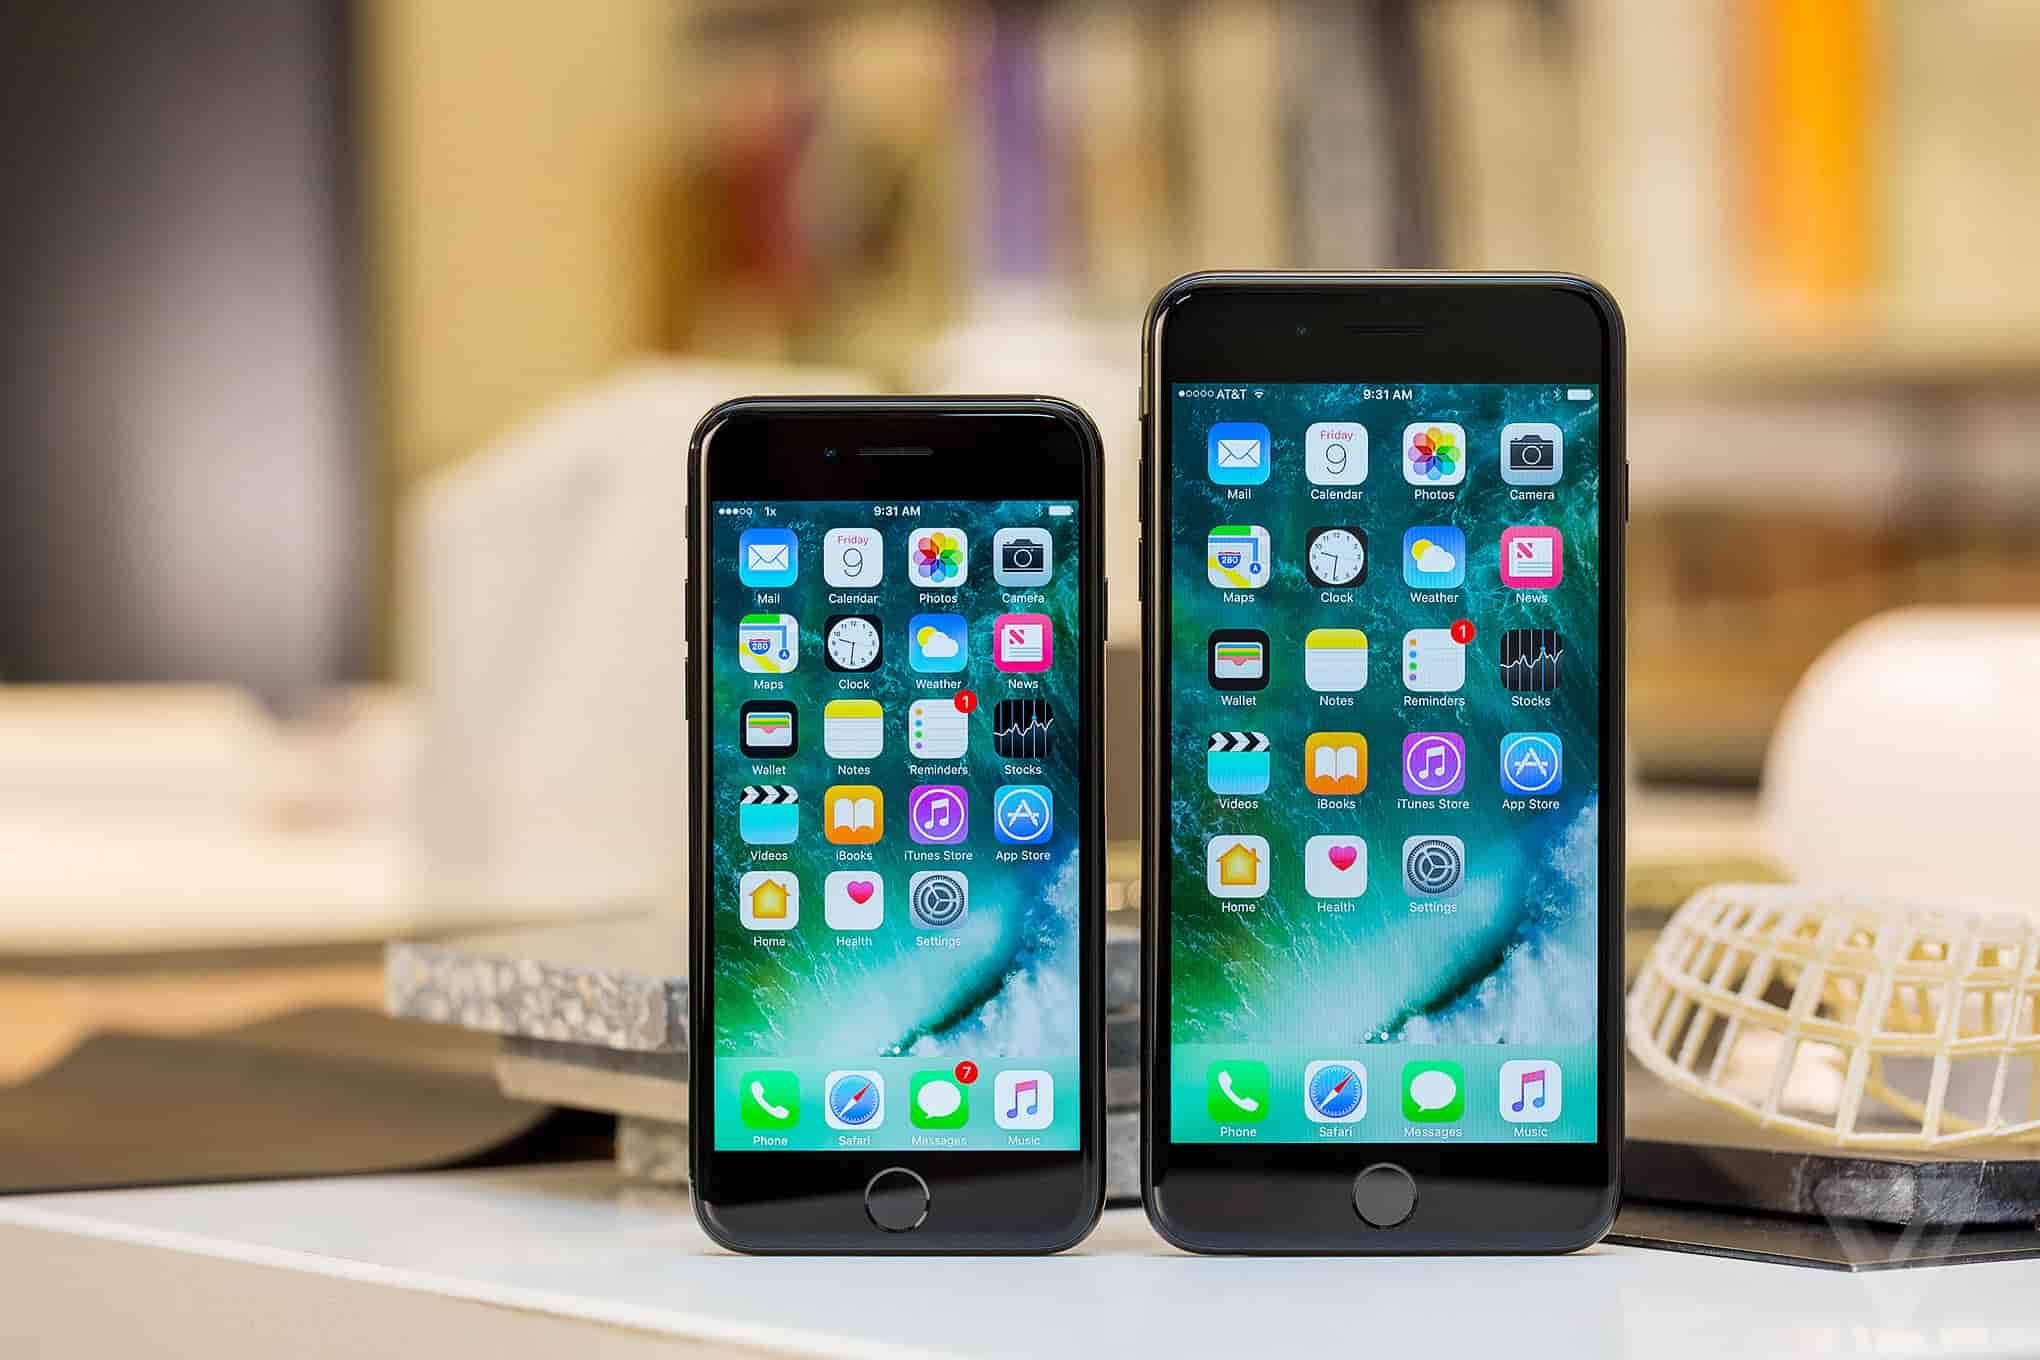 """Mẫu iPhone ba năm tuổi vẫn đáng mua hơn XR cho """"tín đồ"""" iPhone cũ - 1"""